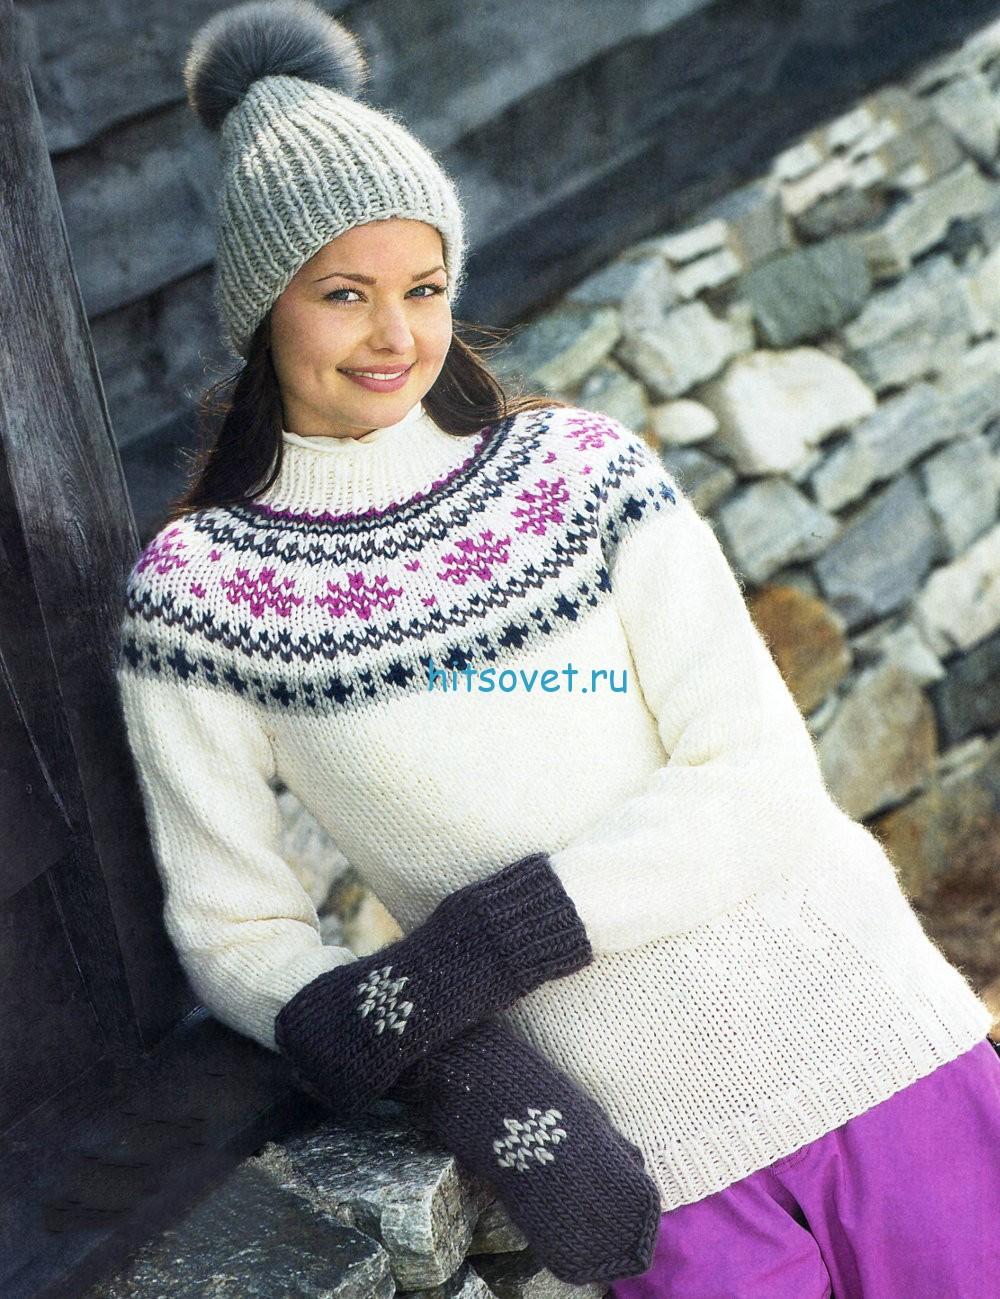 Вязание пуловера, шапки и варежек